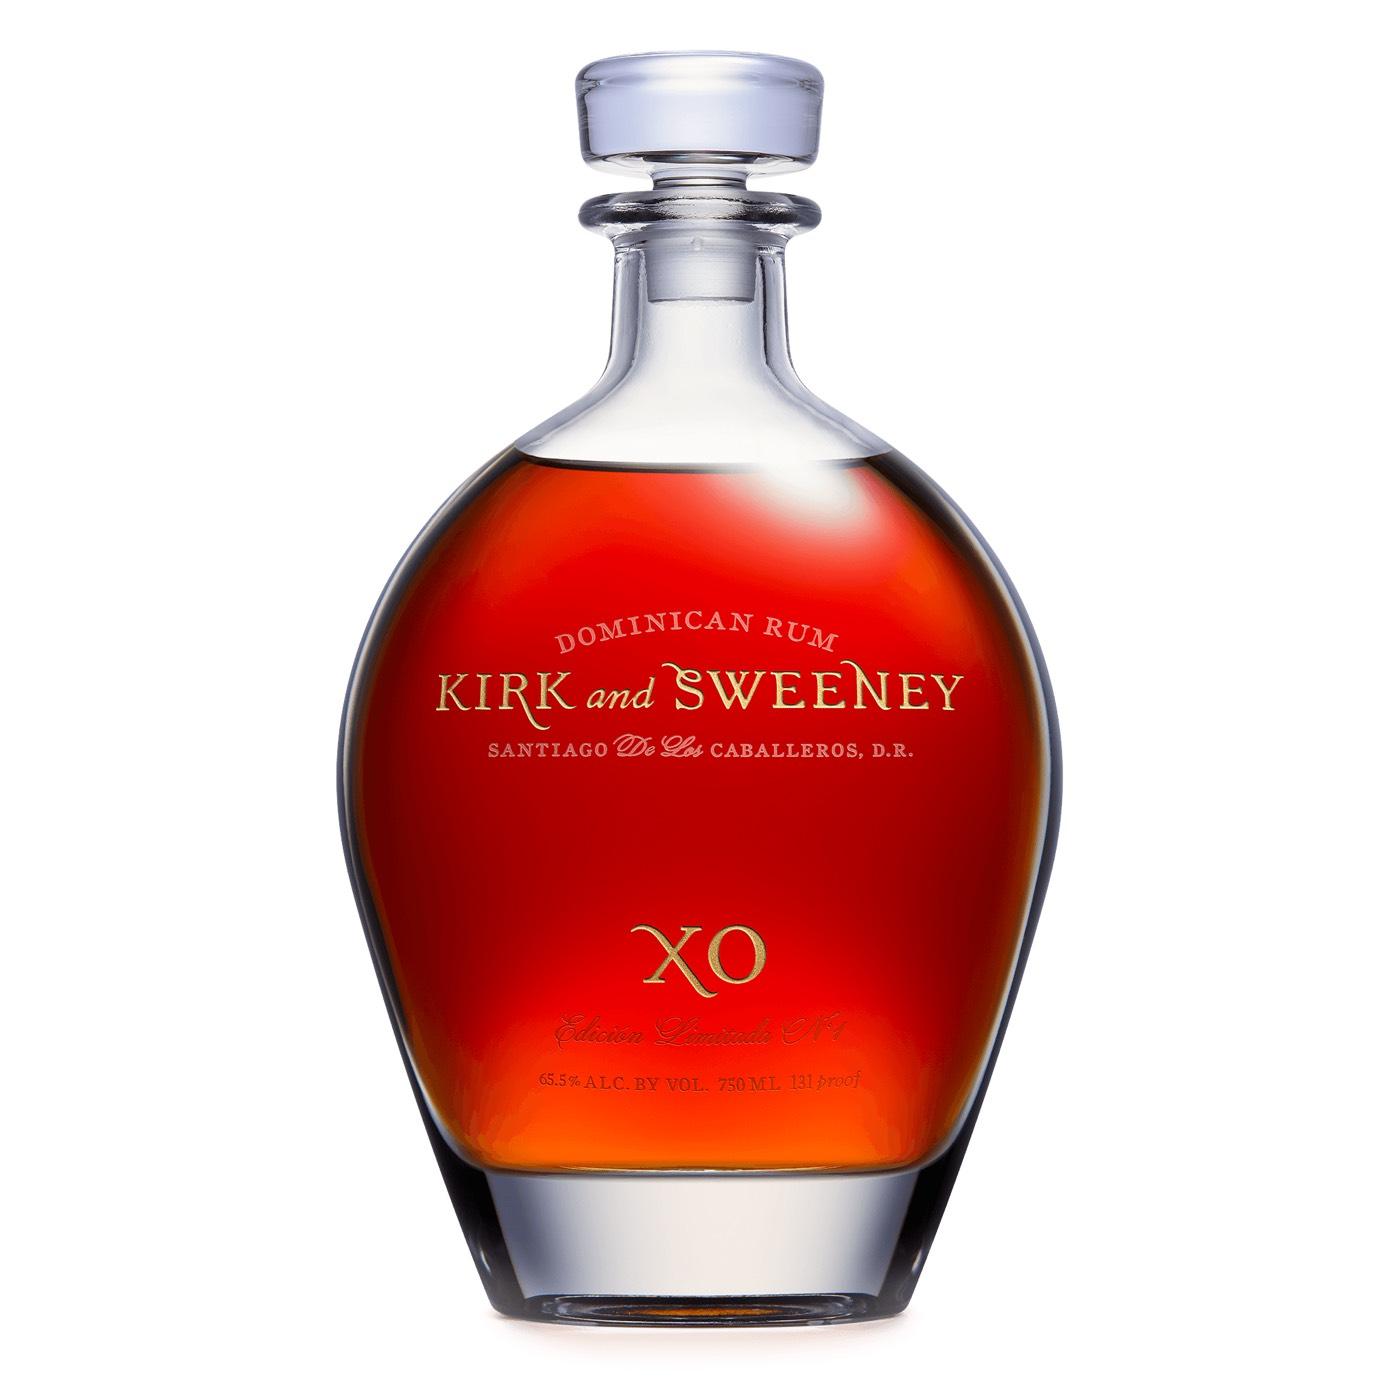 Bottle image of Kirk and Sweeney XO